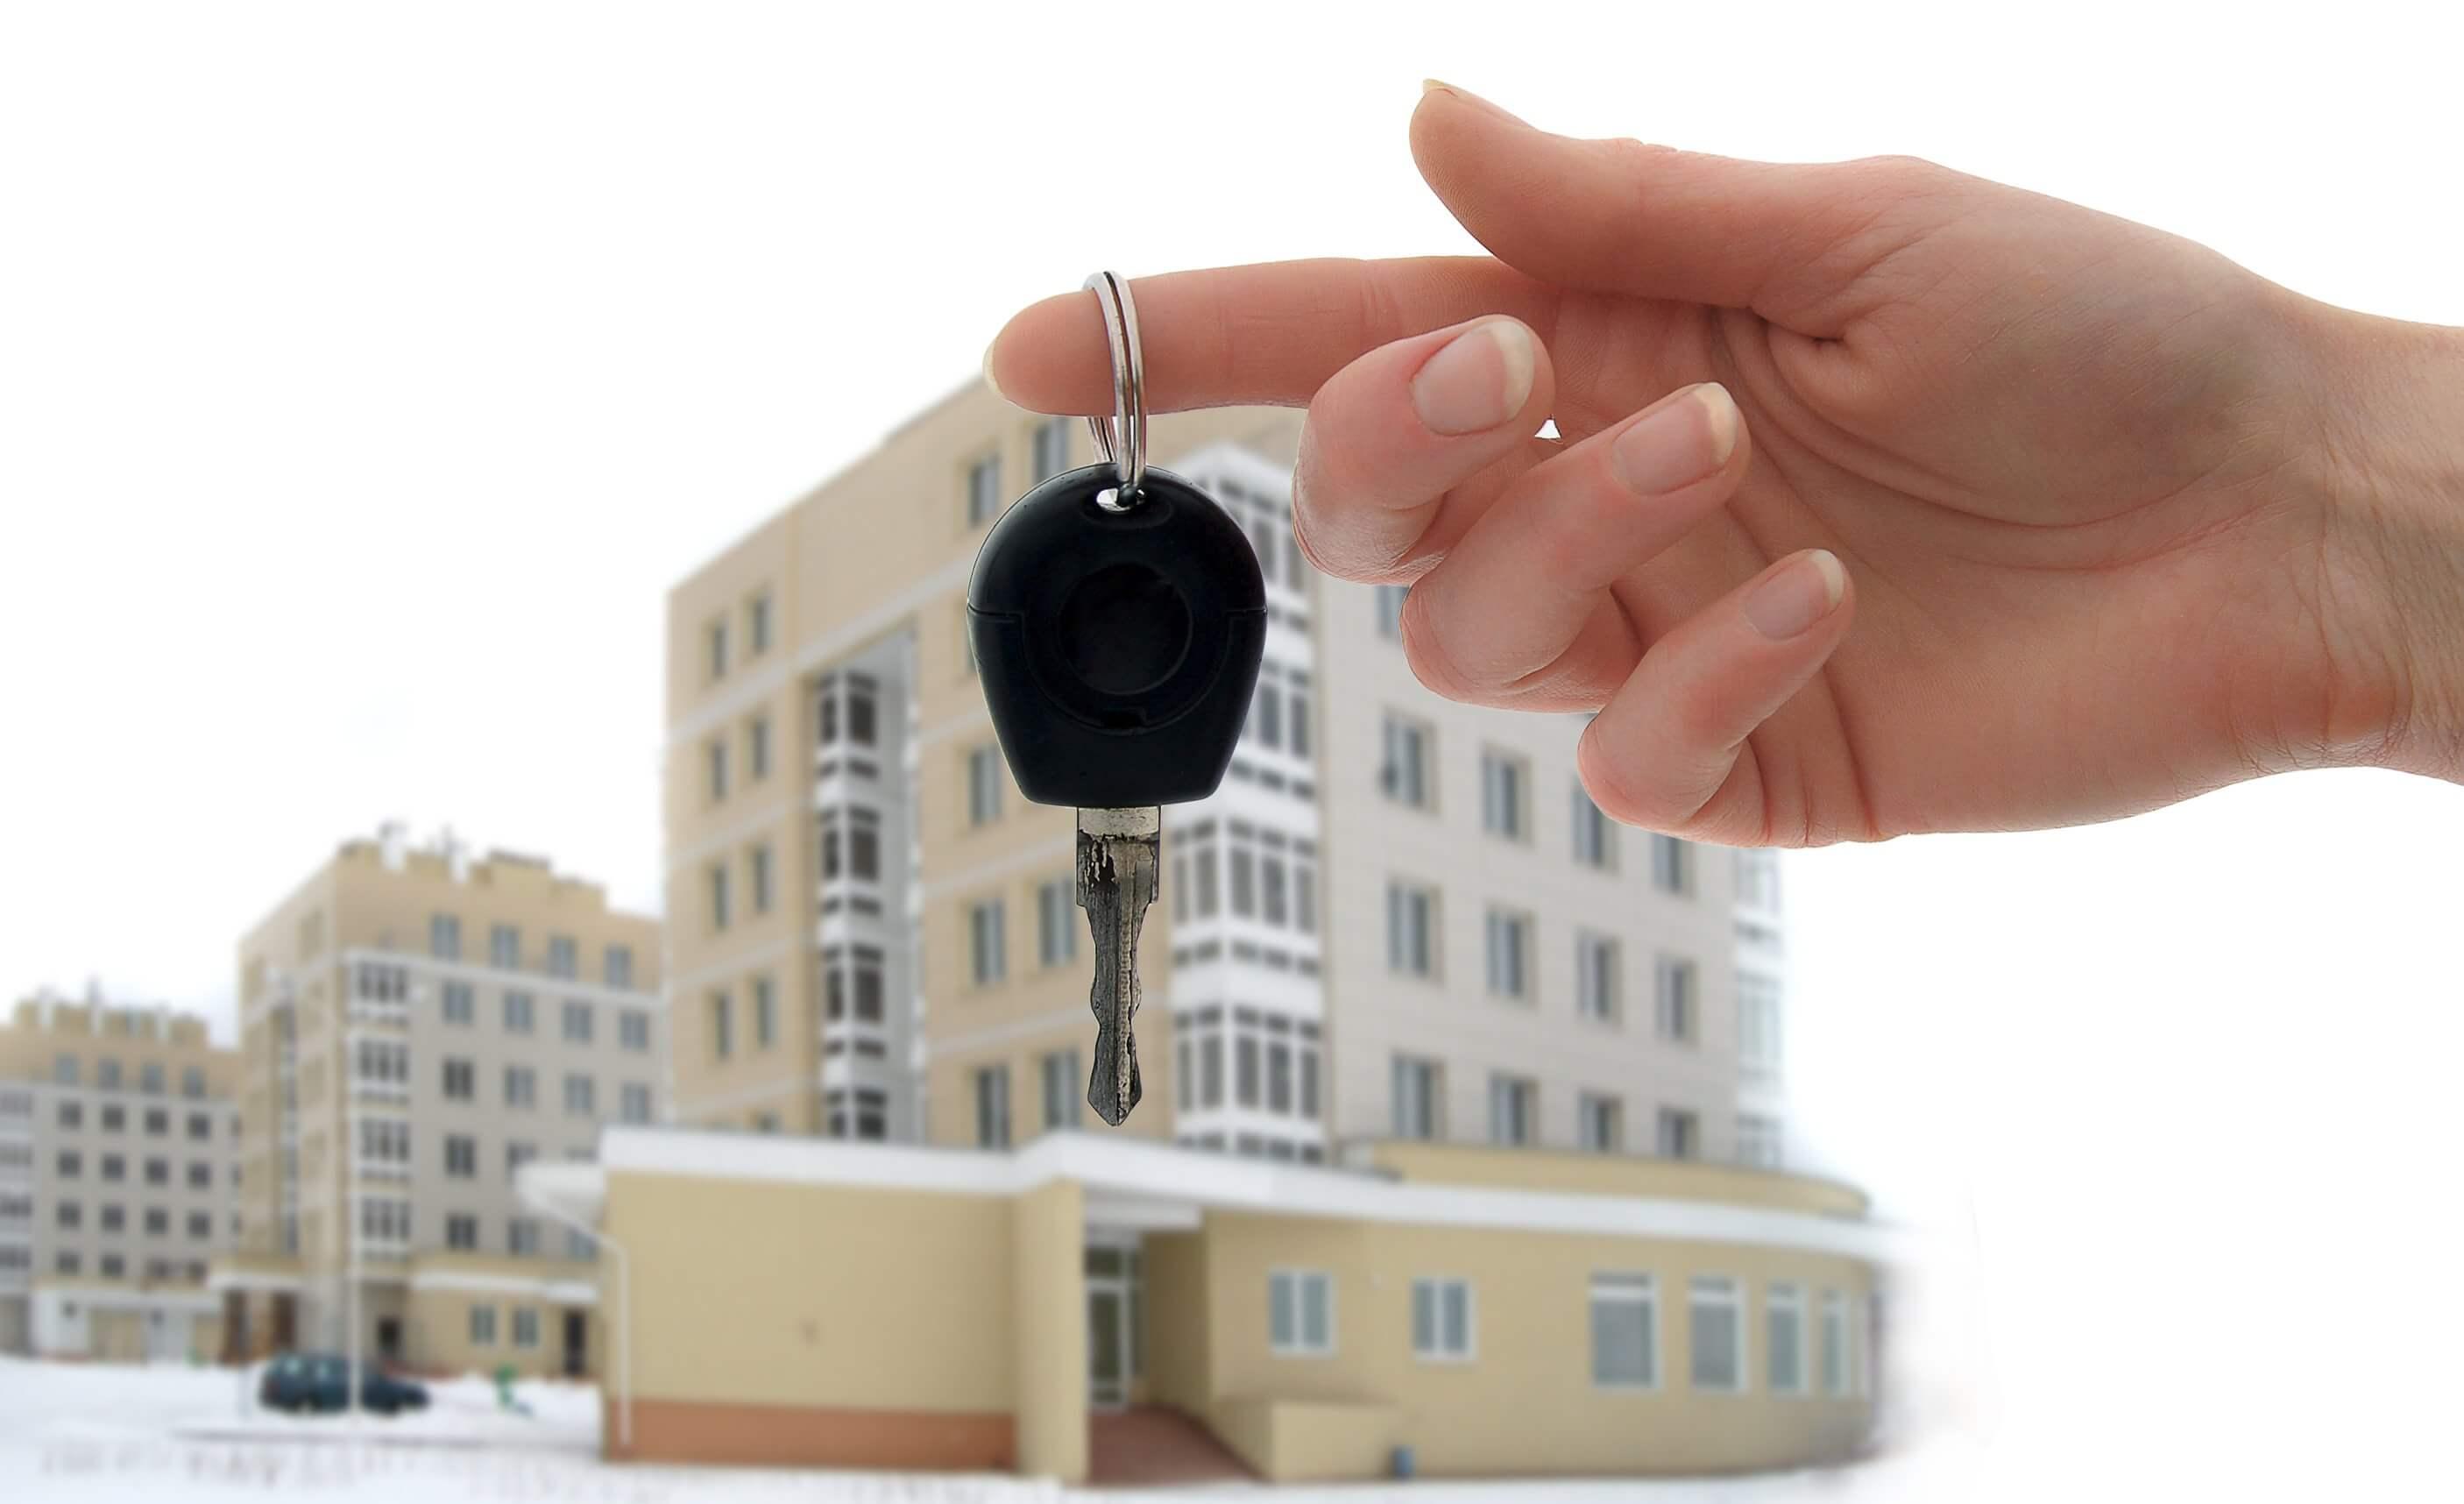 бланк на налоговые вычеты на квартиру